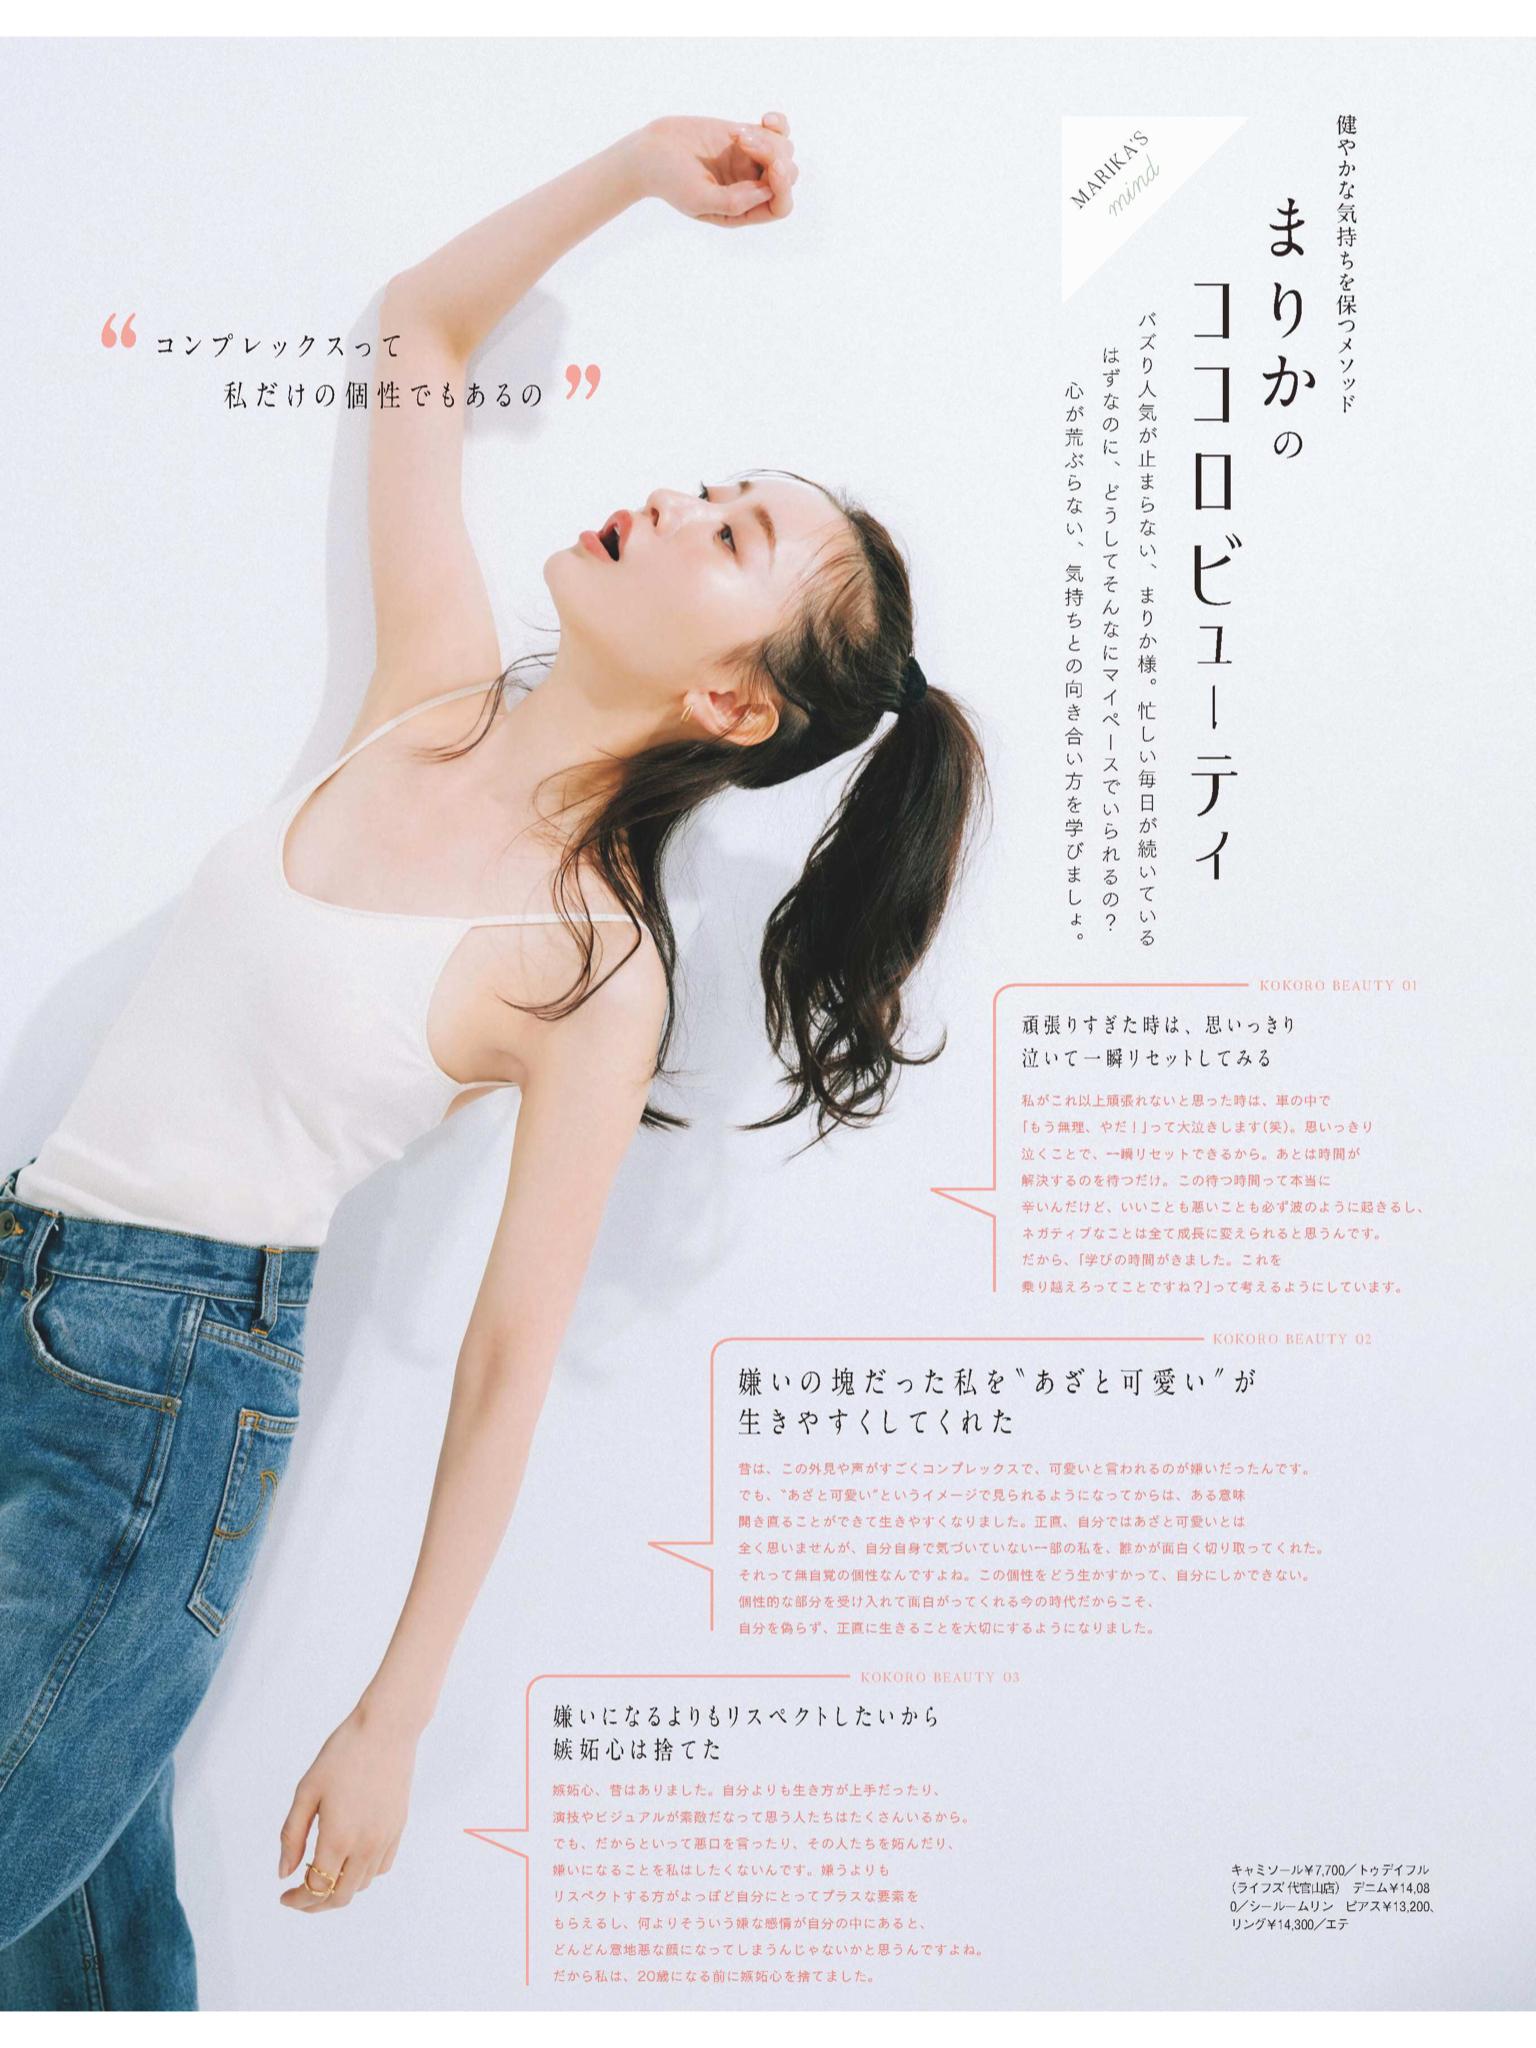 田中美奈实 × 松本真理香 × 池田依来沙